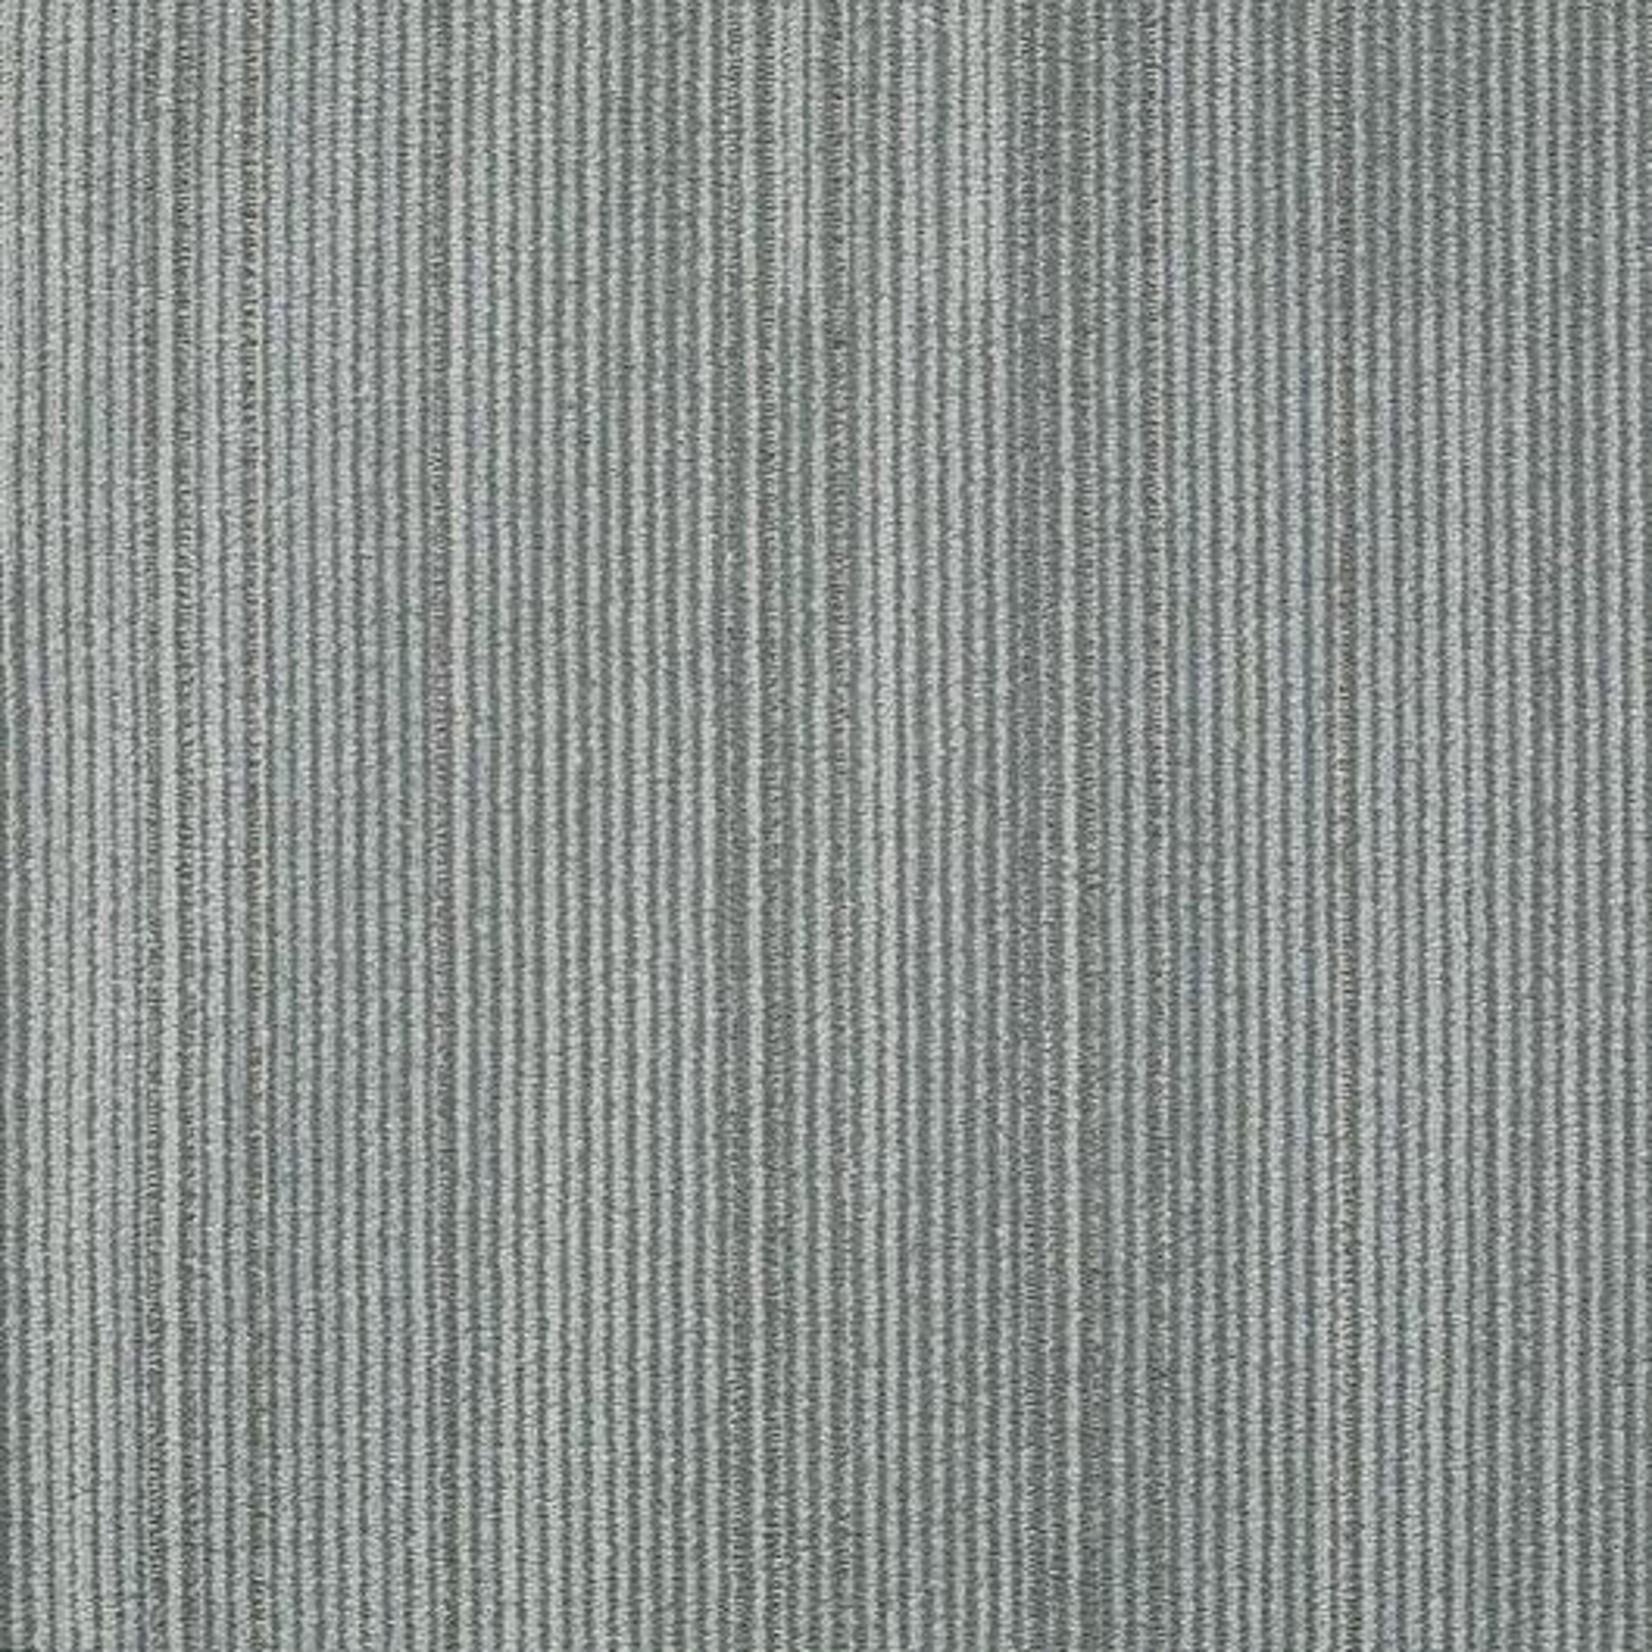 10497 Carpet Square Tile